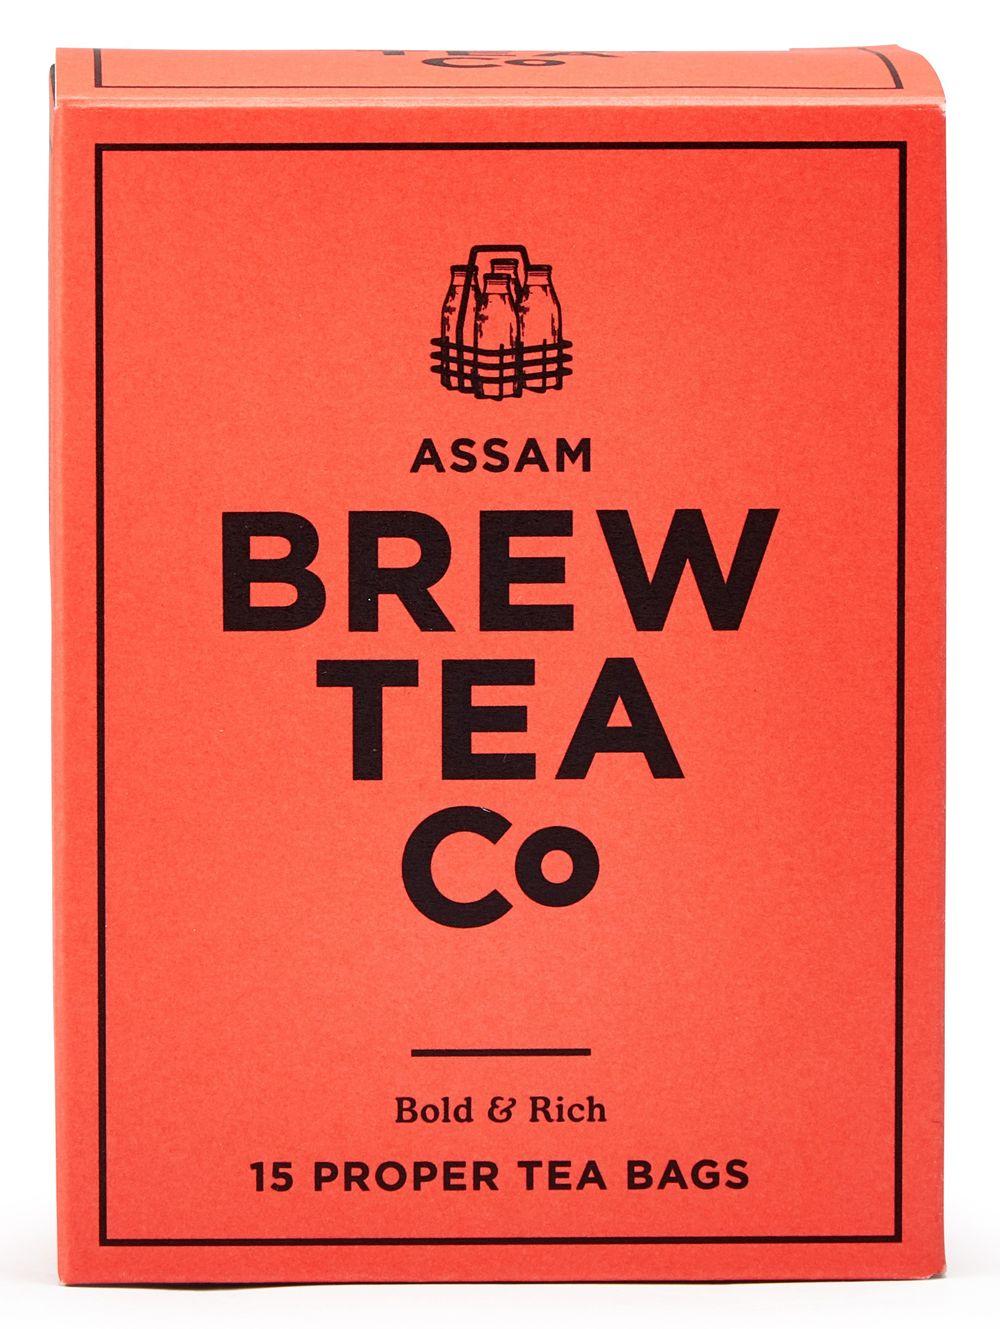 Assam Tea - 15 Proper Tea Bags